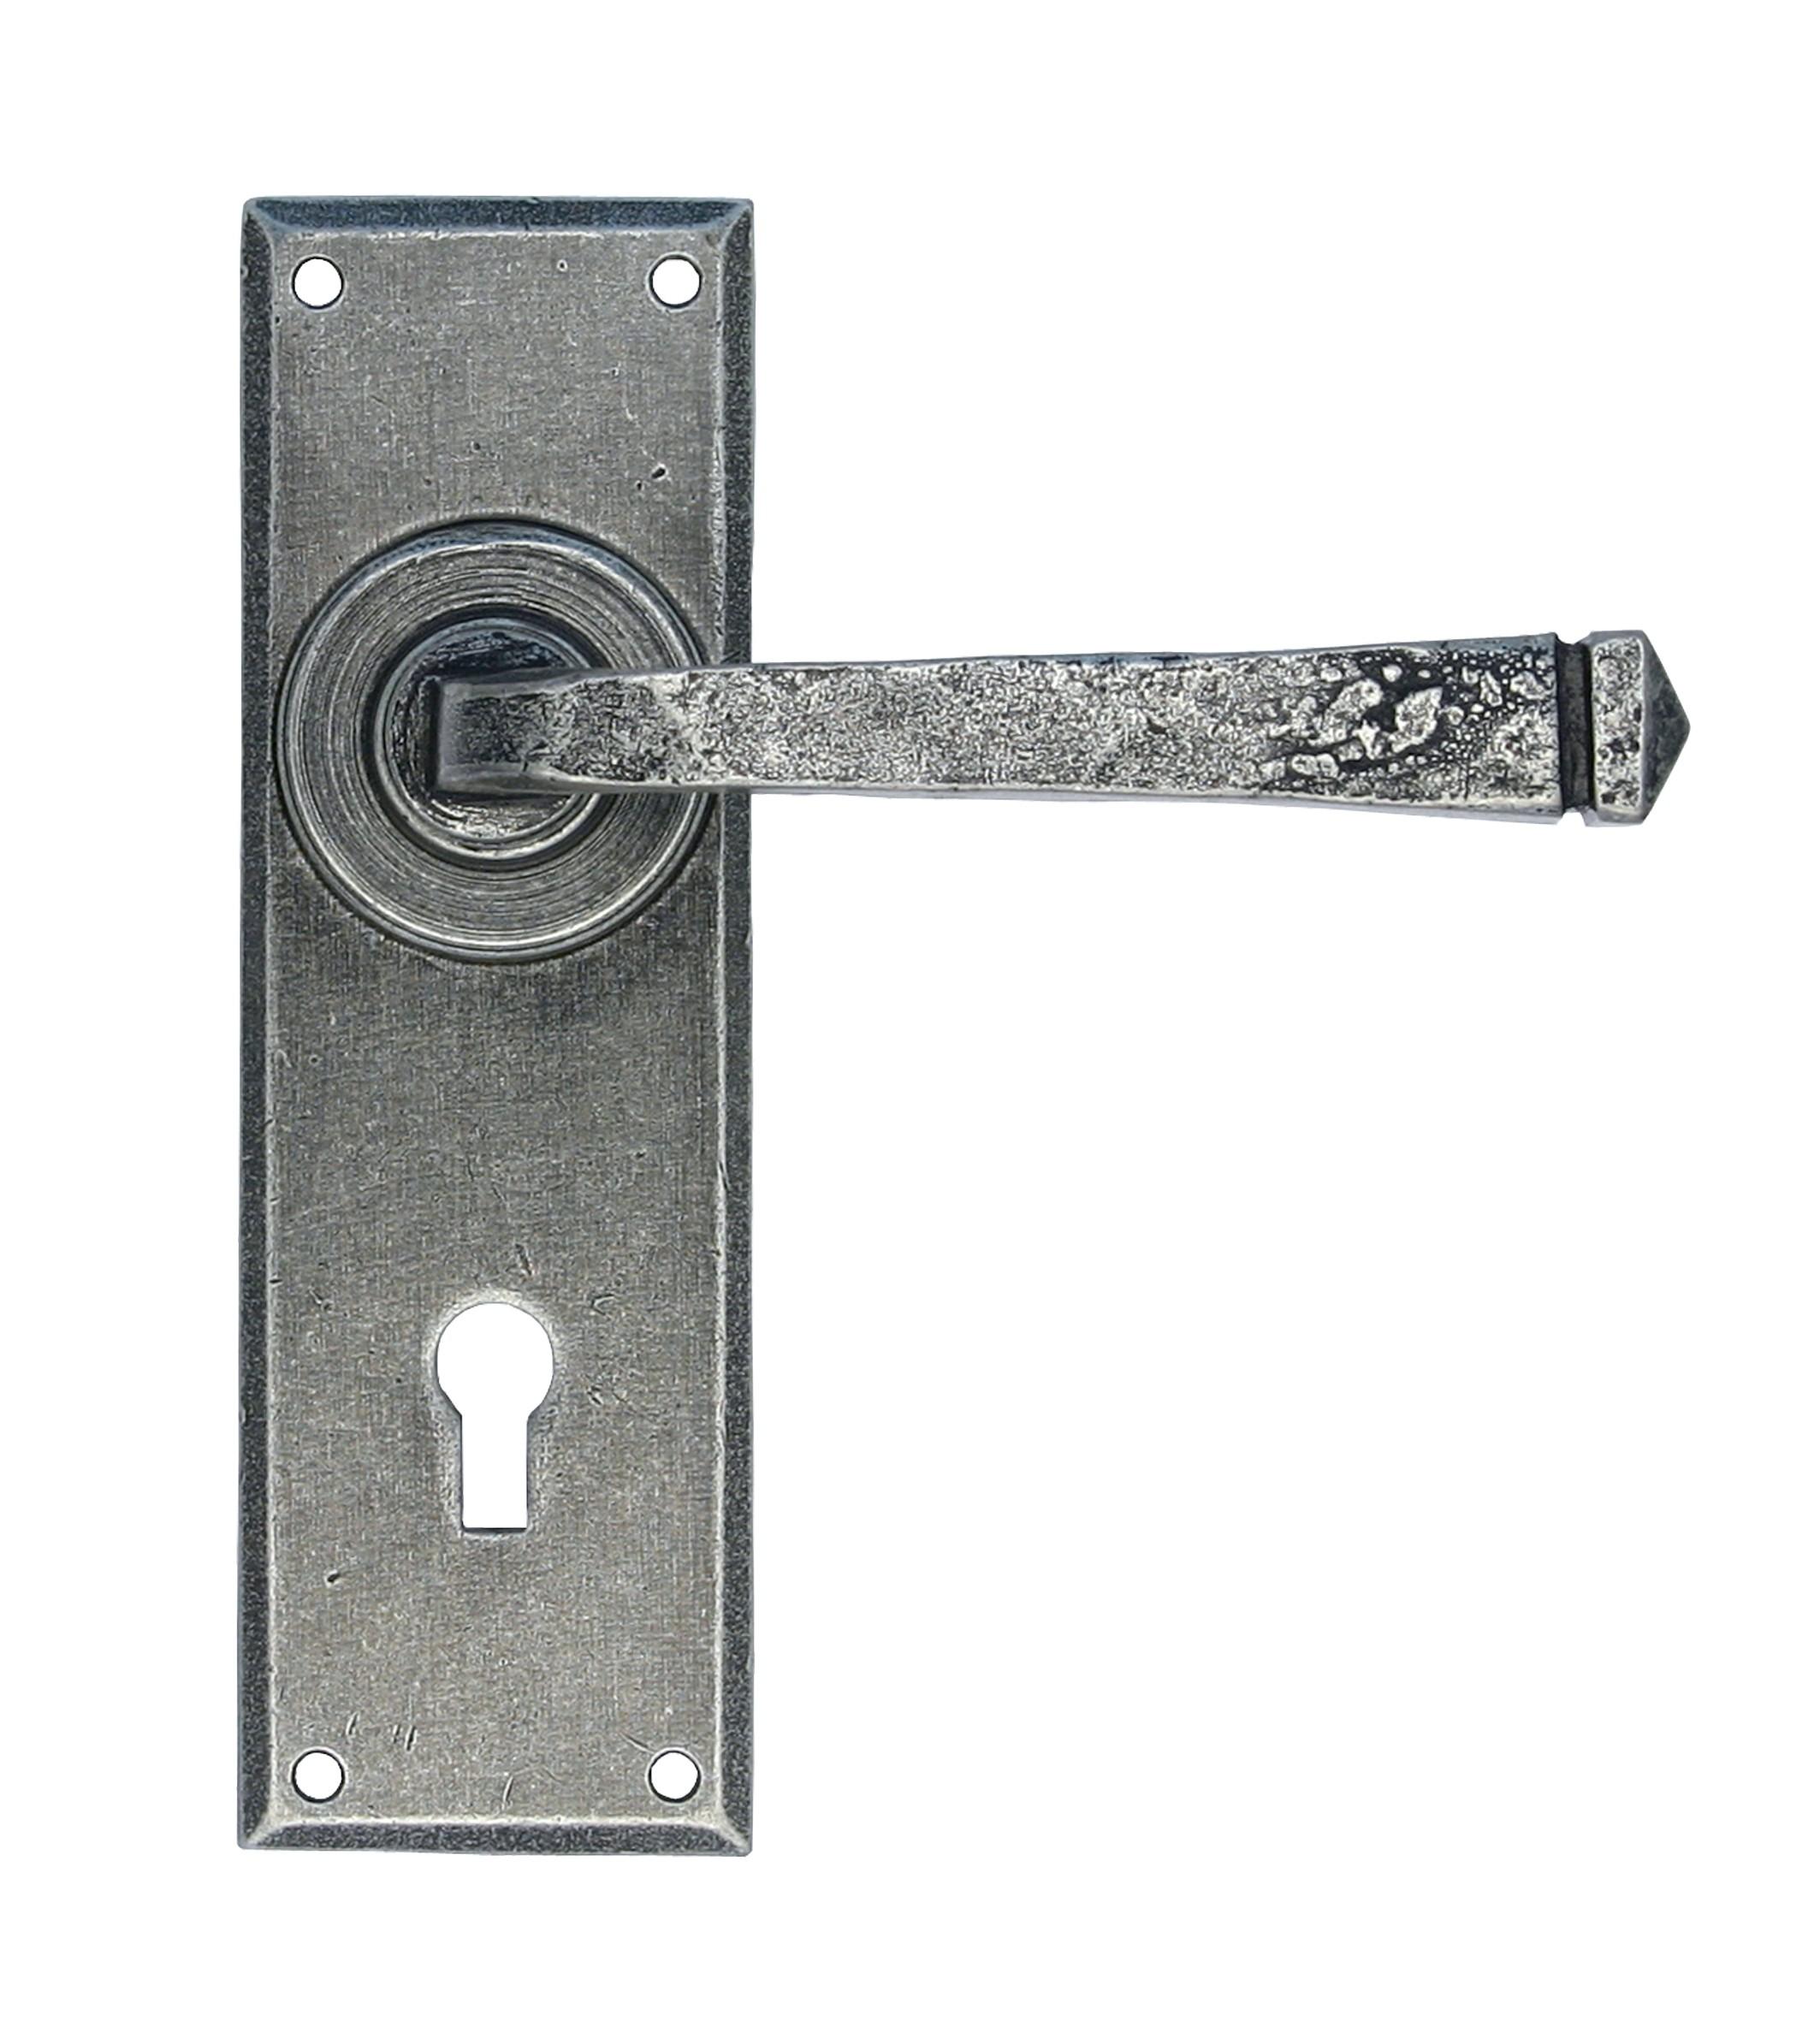 ANVIL - Pewter Patina Avon Pewter Lever Lock Set